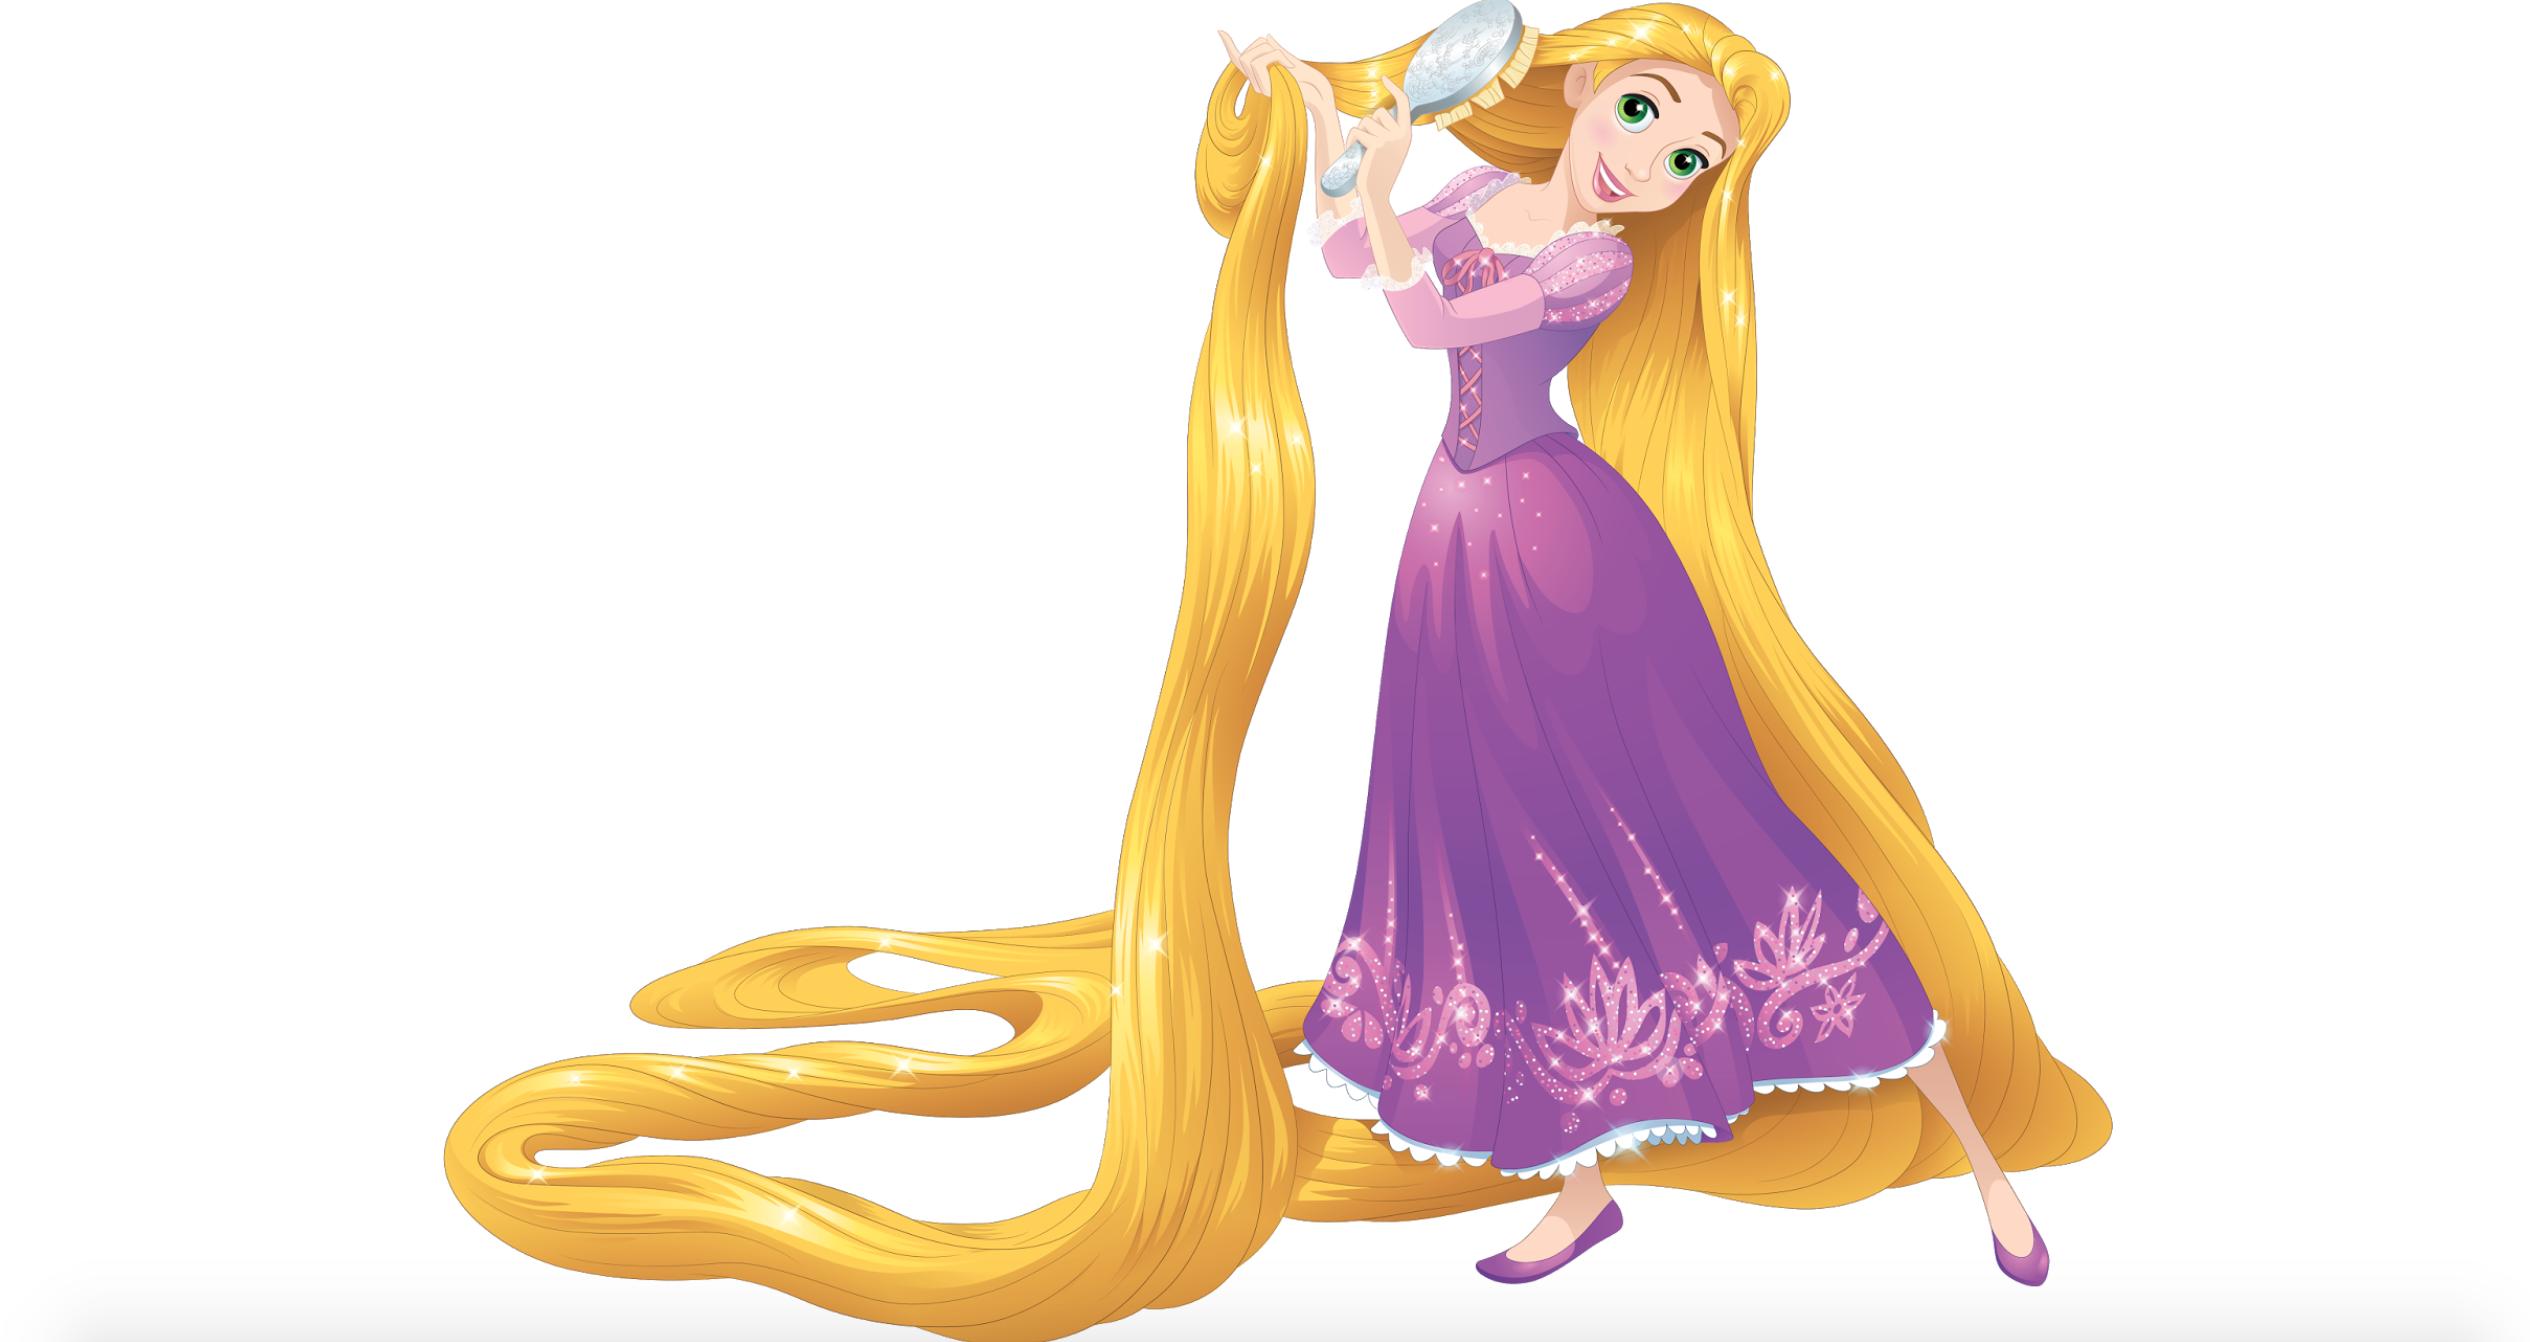 Rapunzel Brushing Her Long Golden Hair Disney Princess Rapunzel Disney Princess Pictures Rapunzel